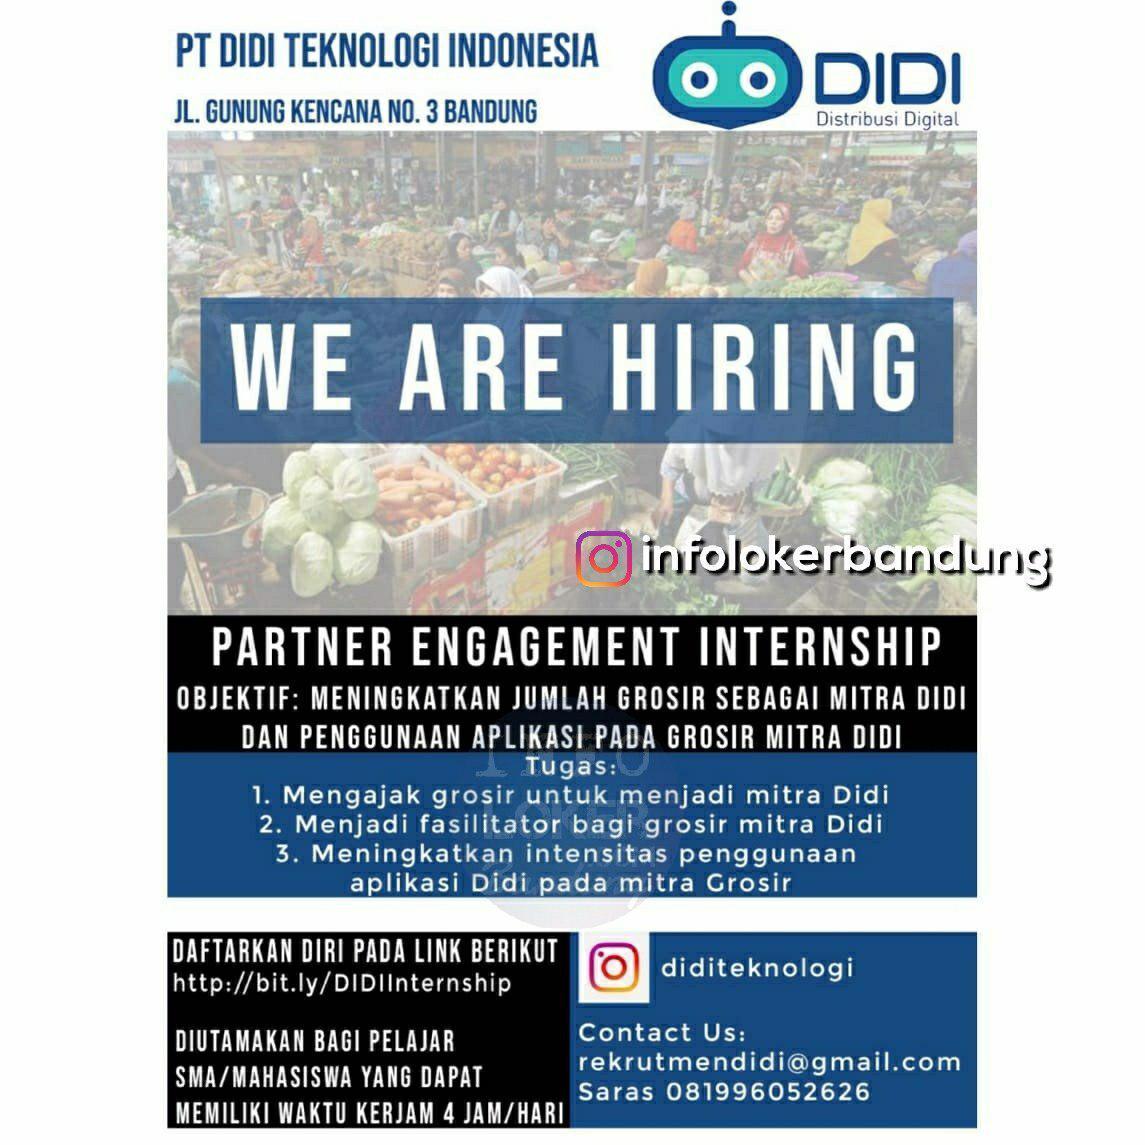 Lowongan Kerja PT. Didi Teknologi Indonesia Bandung November 2018